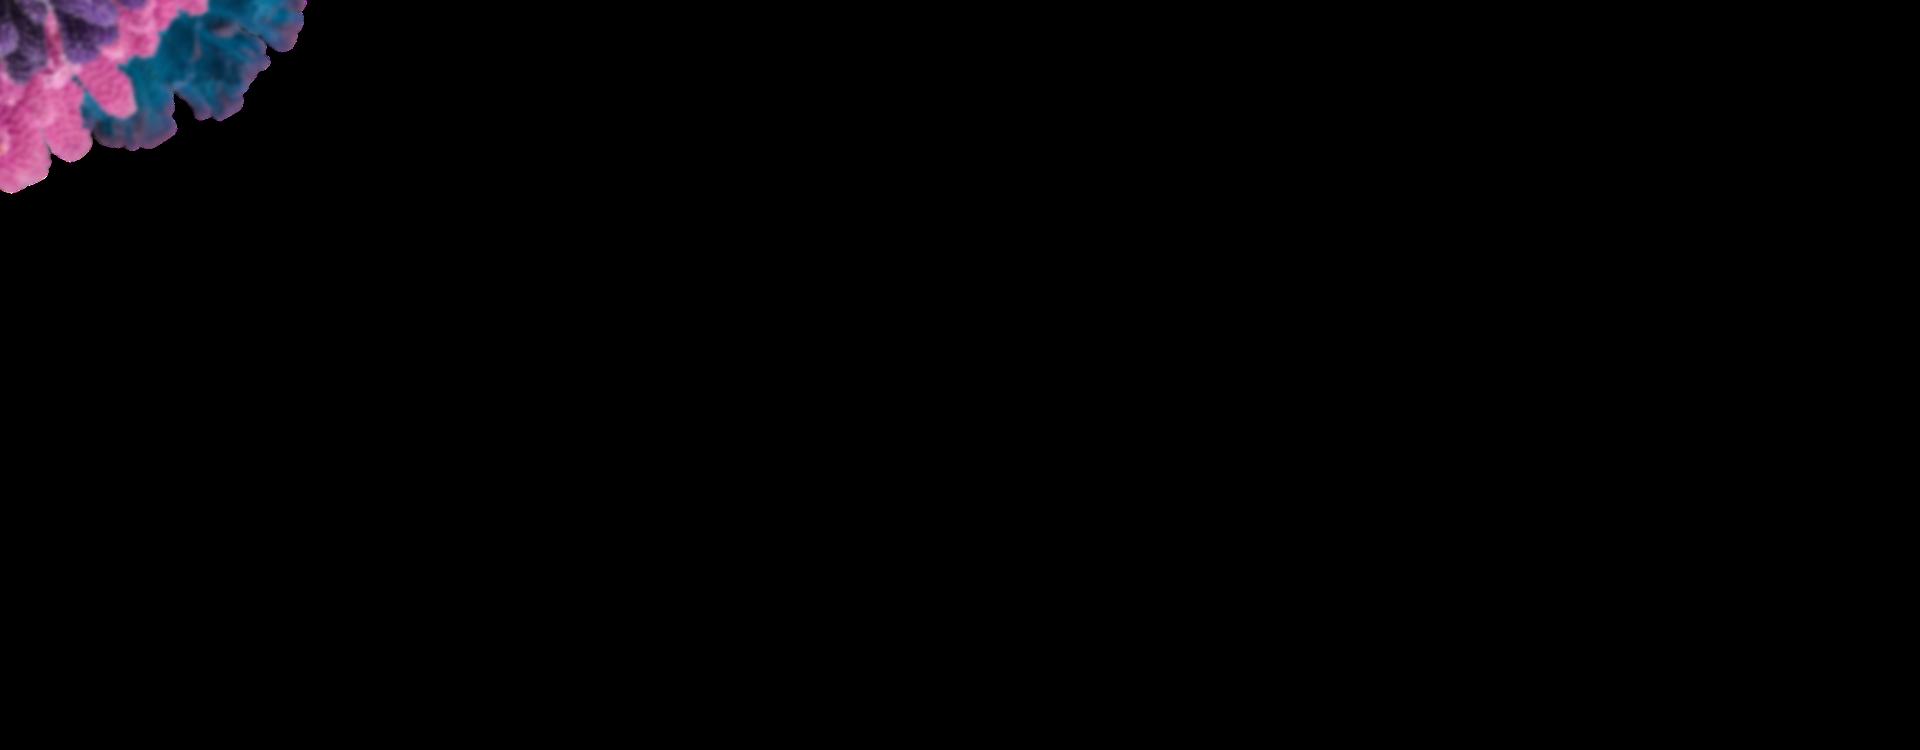 Decoration-diaporama-corner1